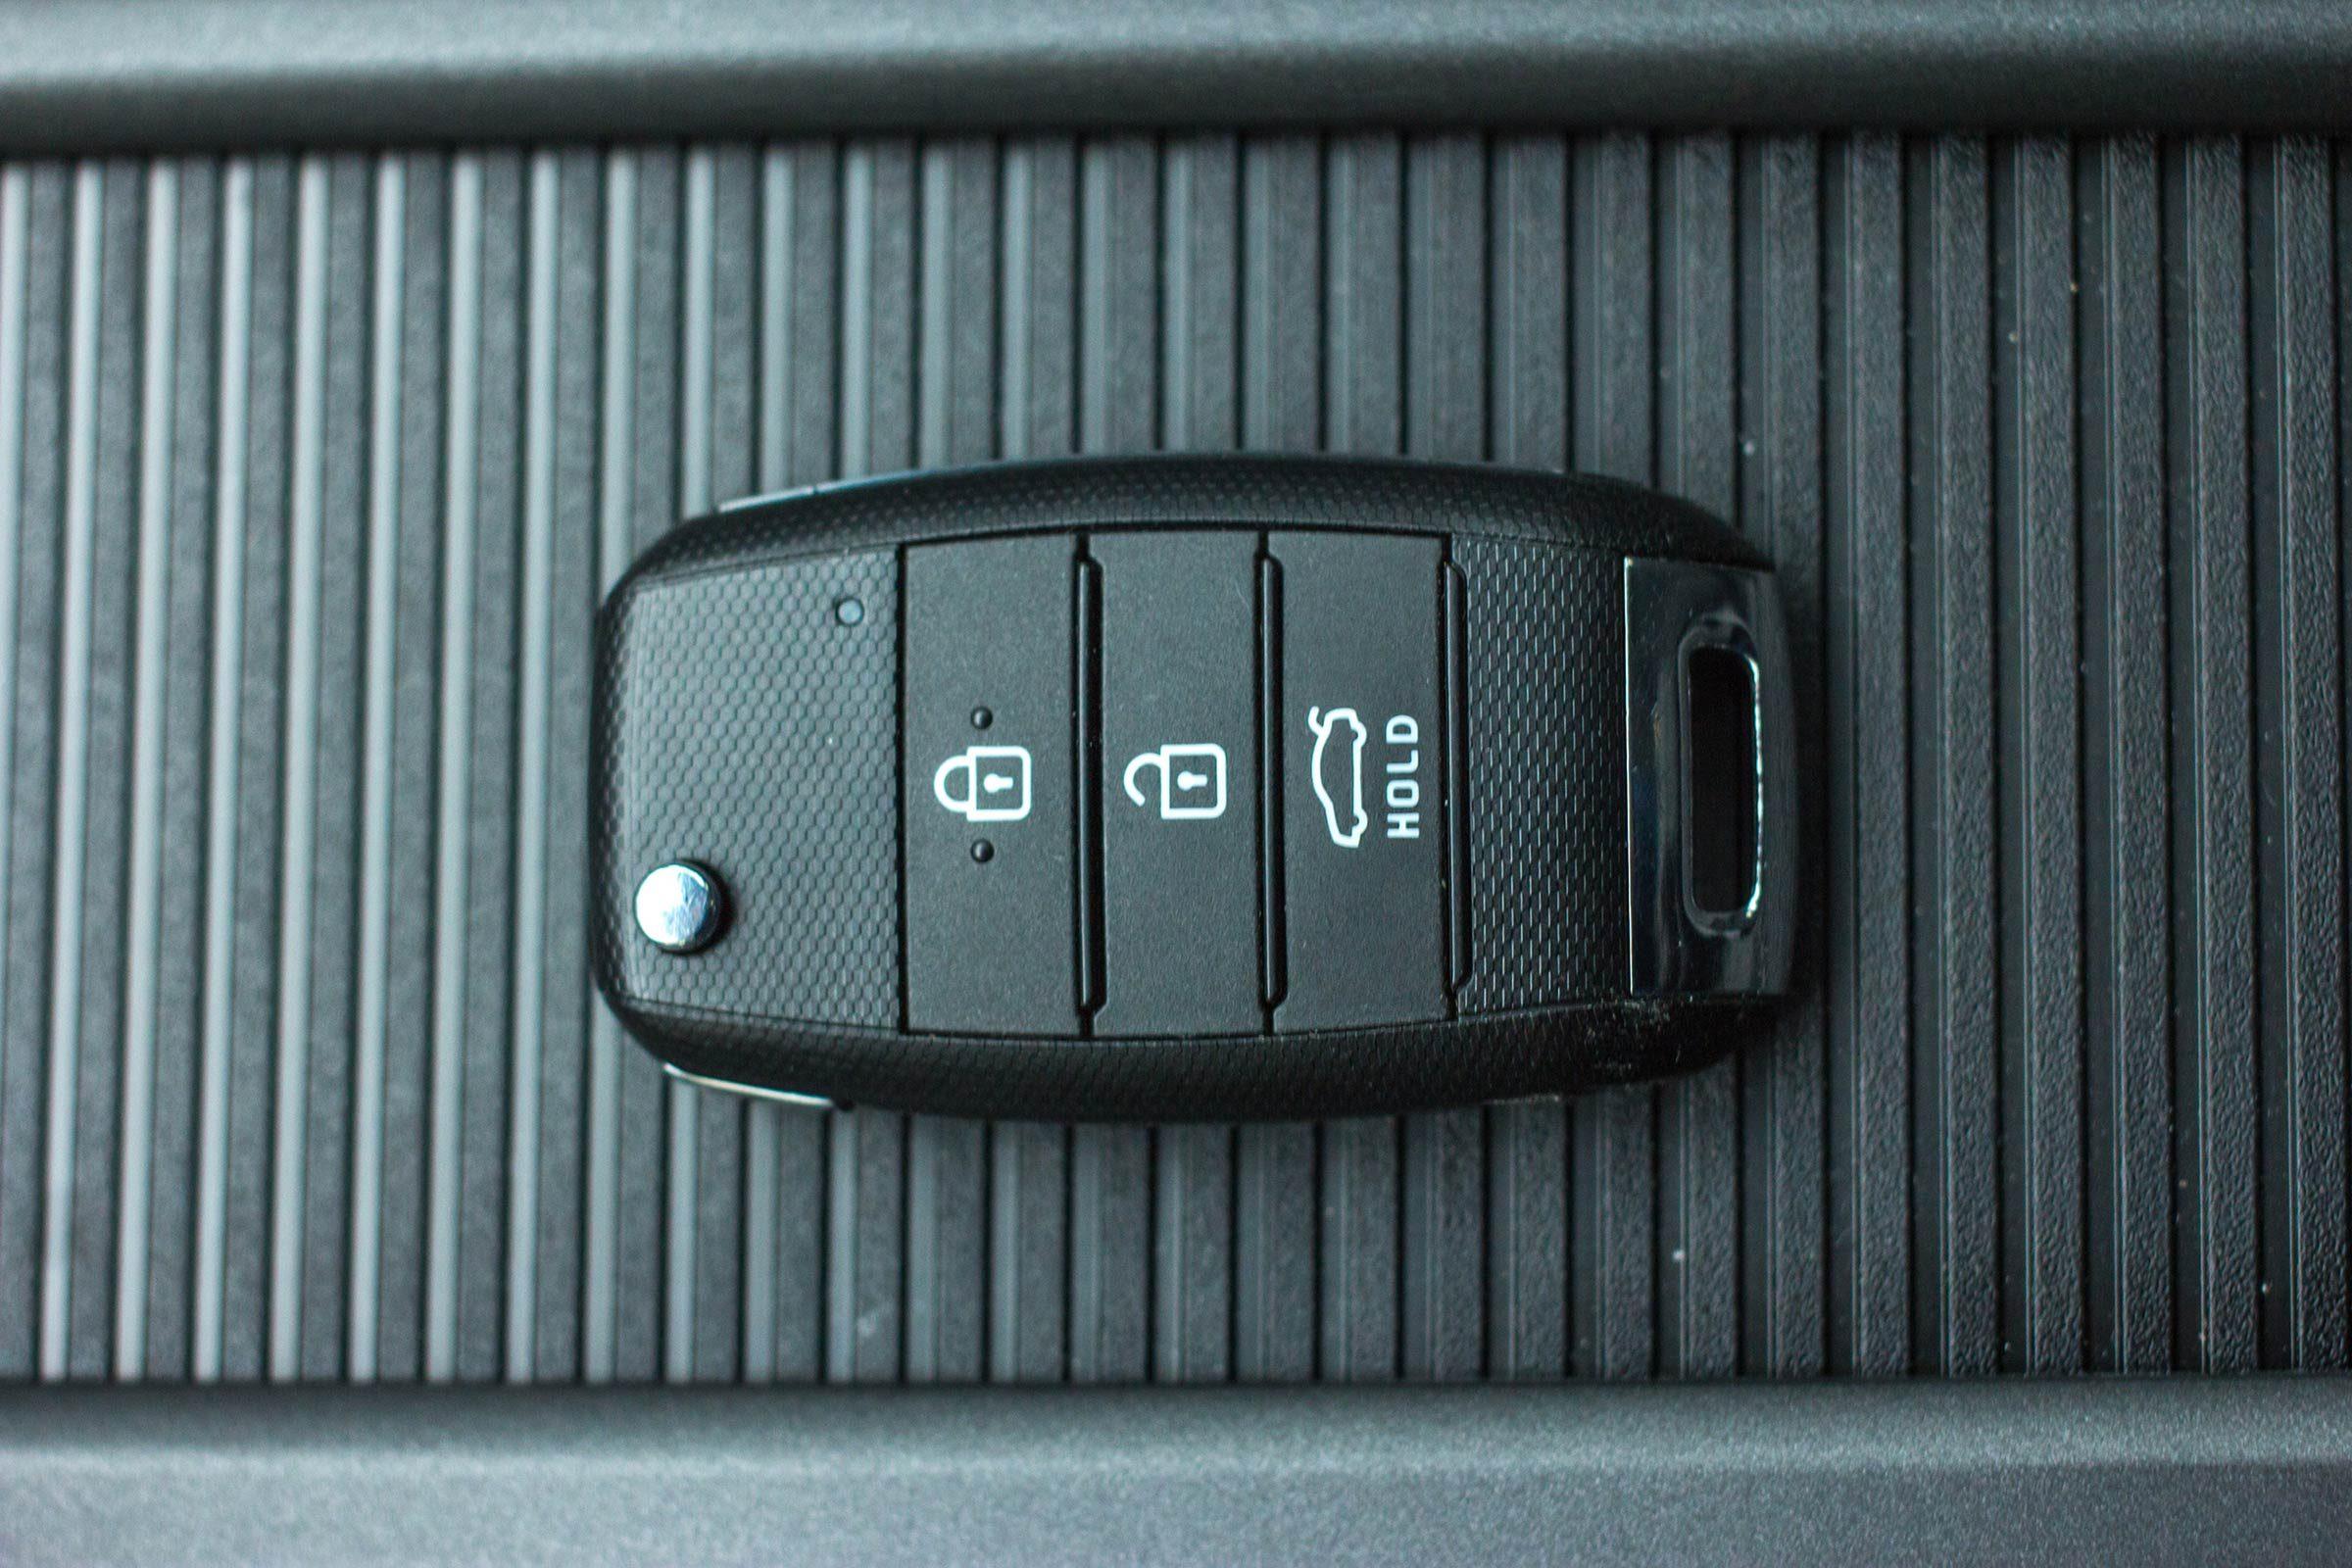 Modern Car remote control key